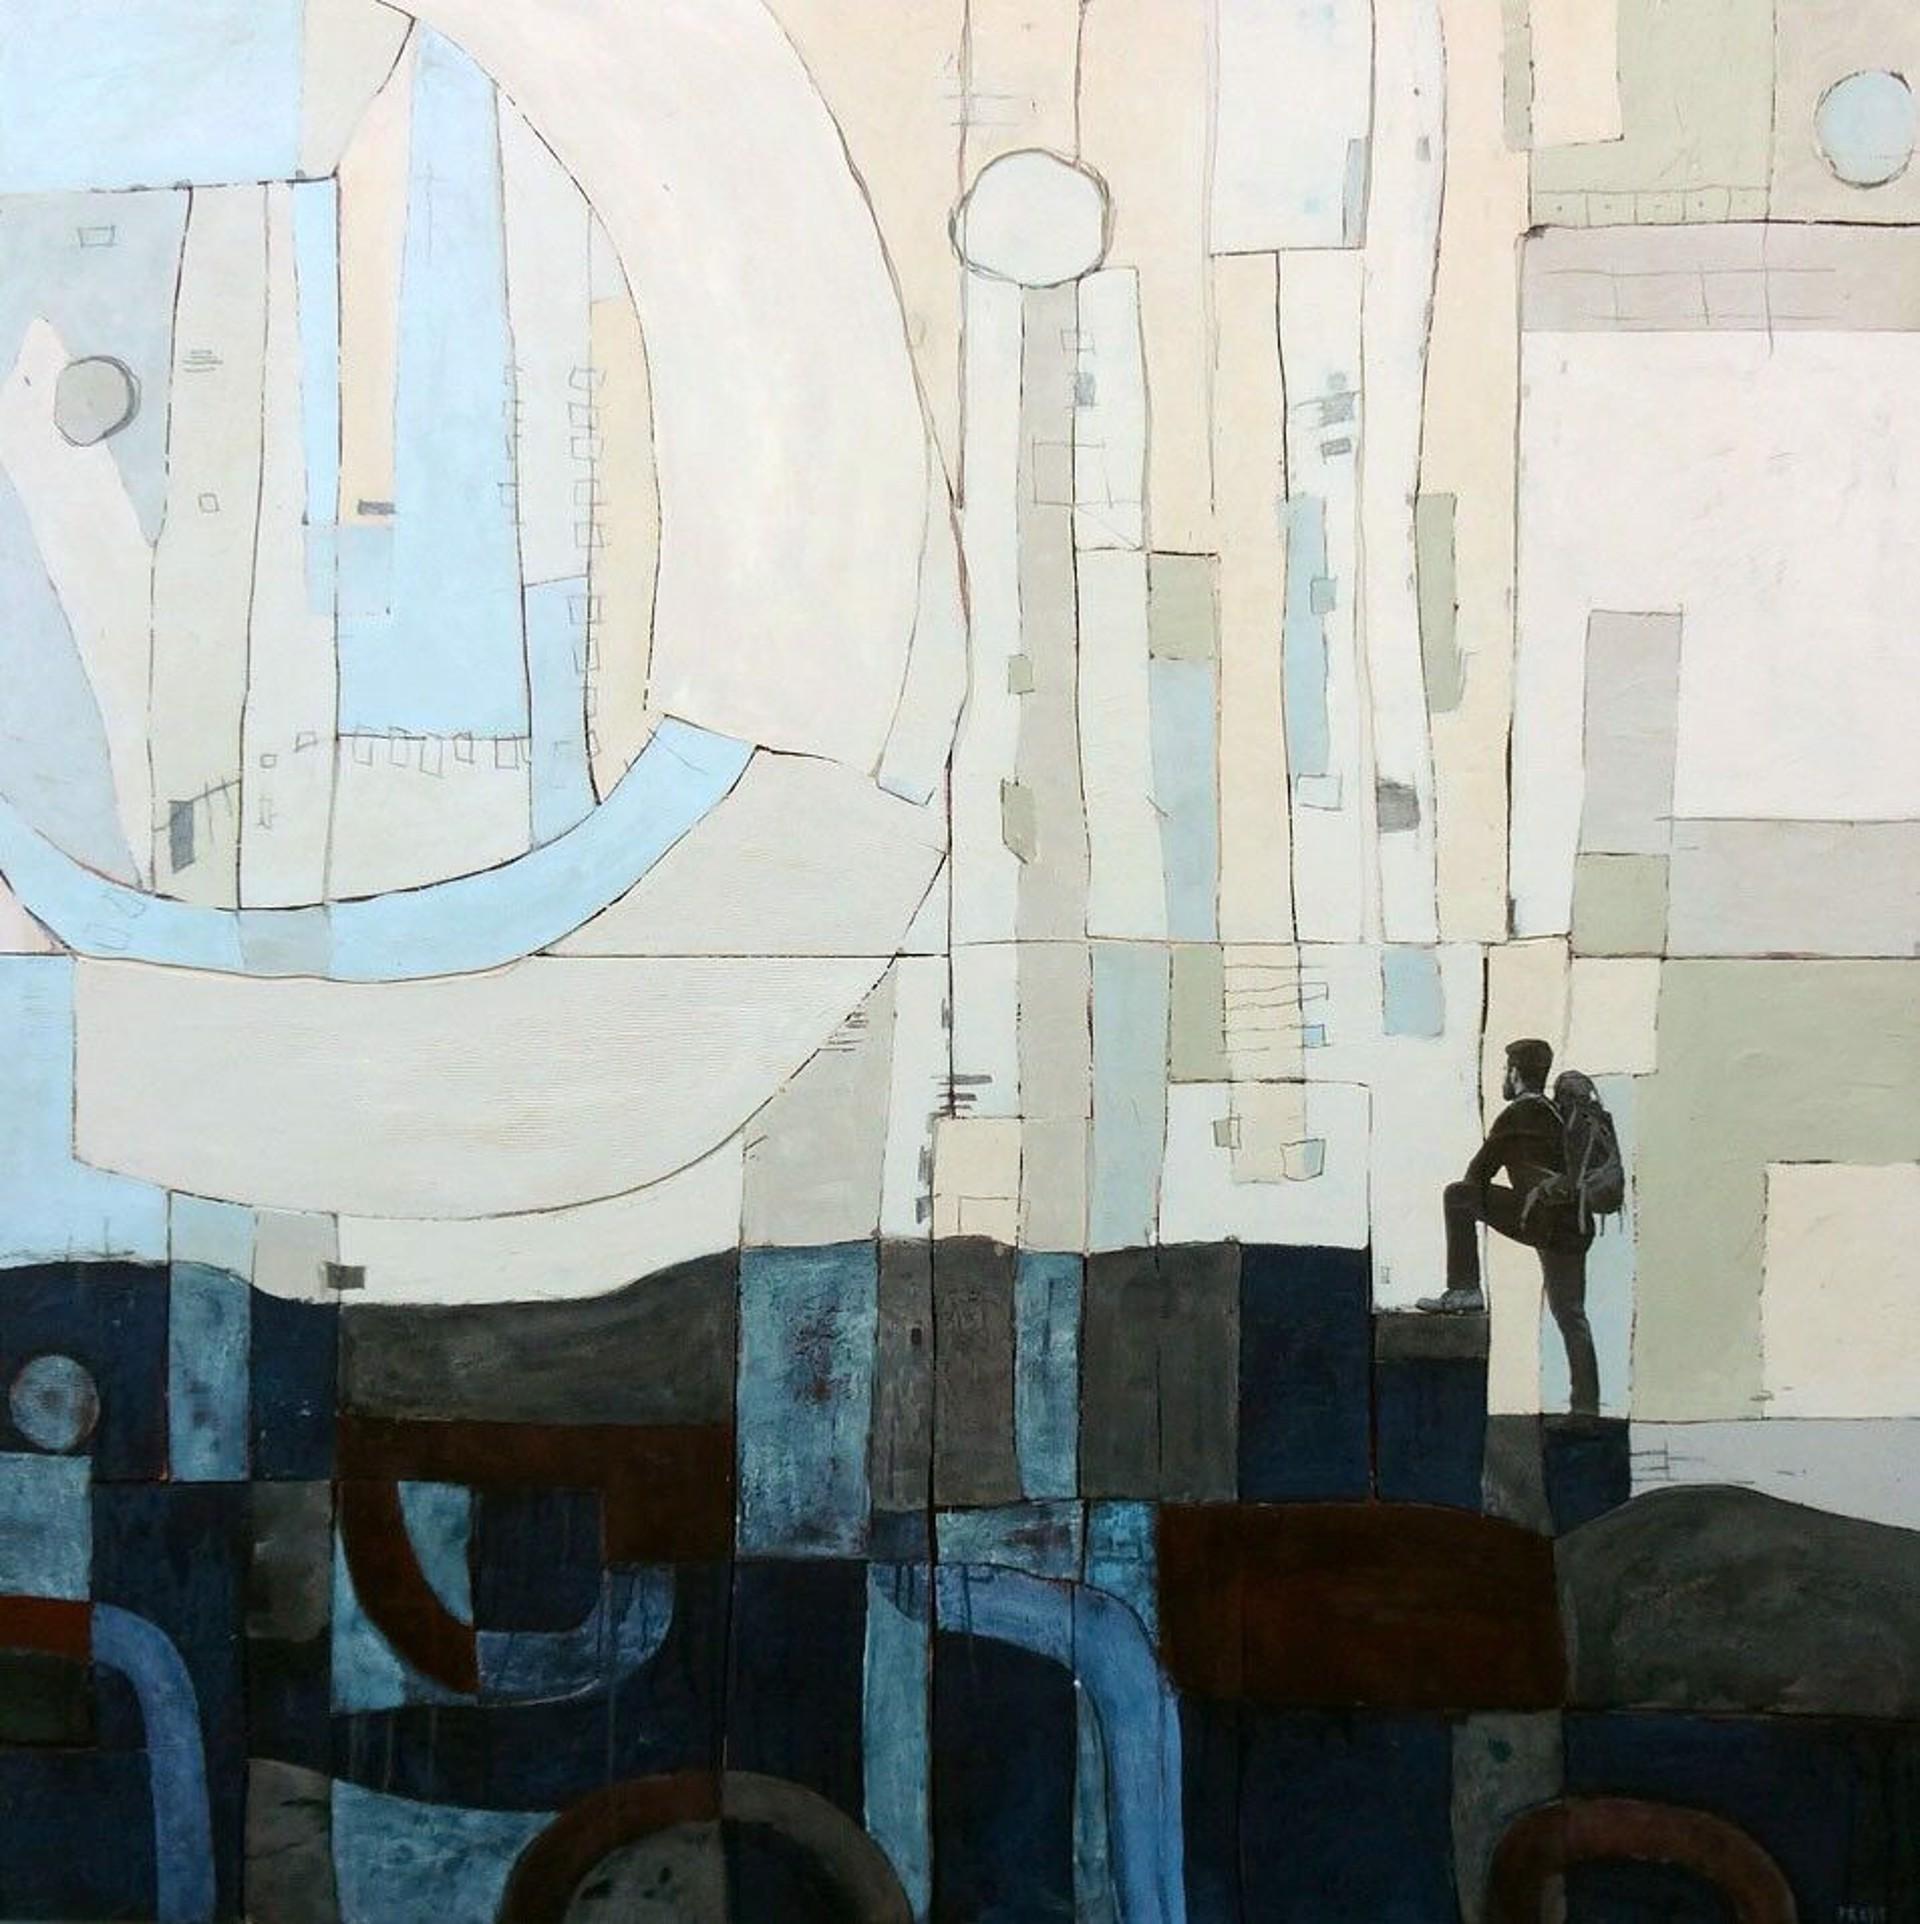 Reaching New Heights by Shari Pratt